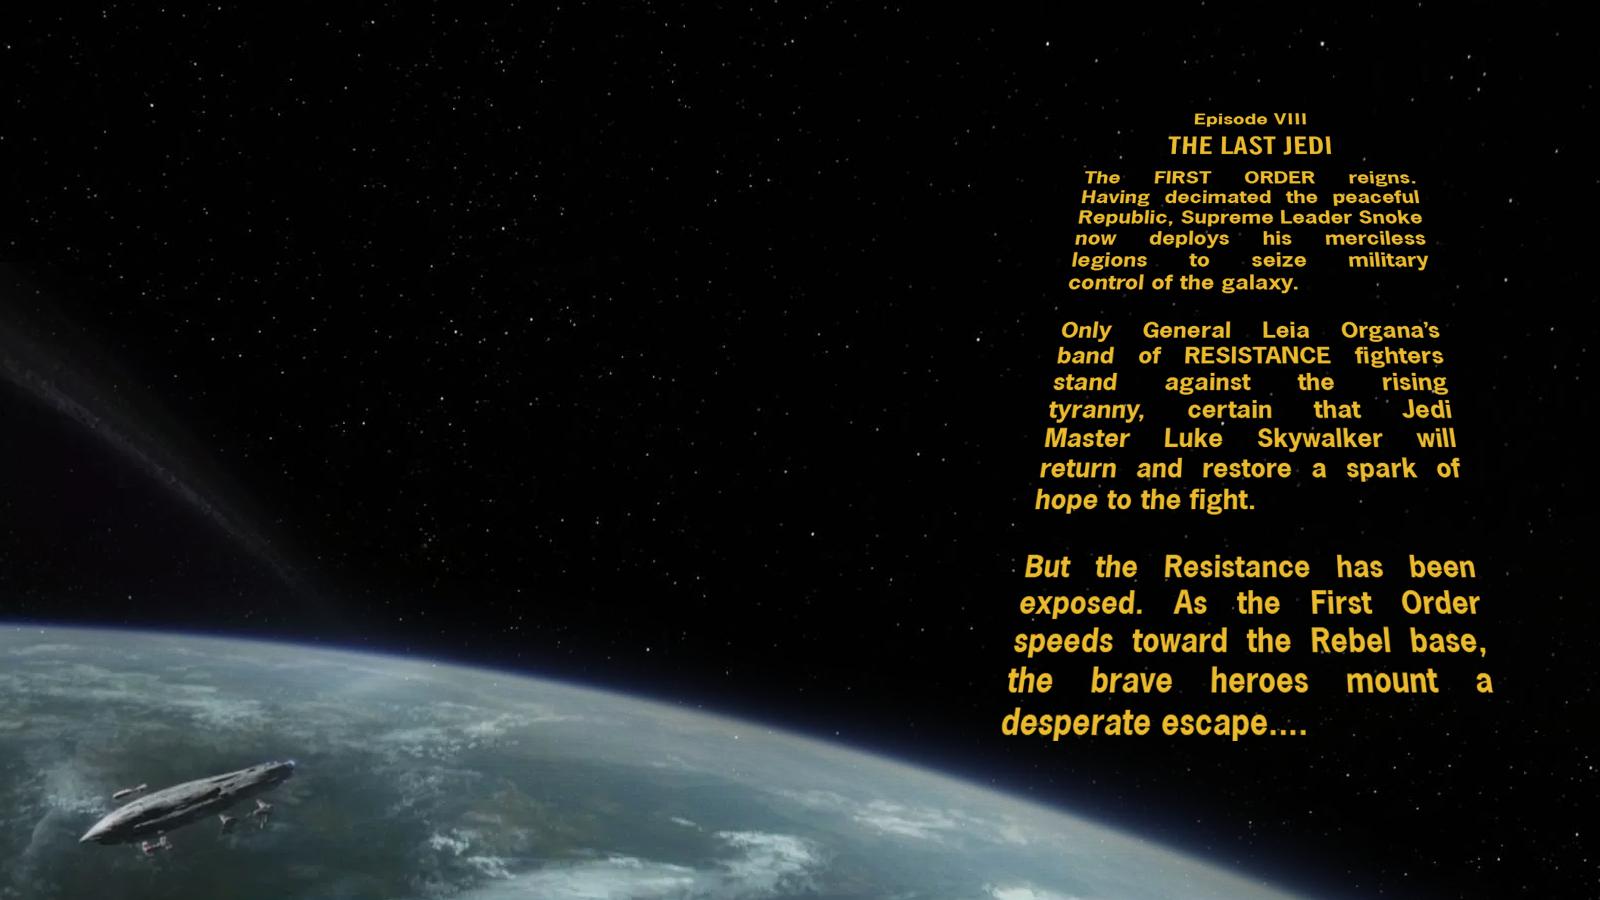 Star Wars Episode Viii Crawl Wallpaper By Spirit Of Adventure On Deviantart